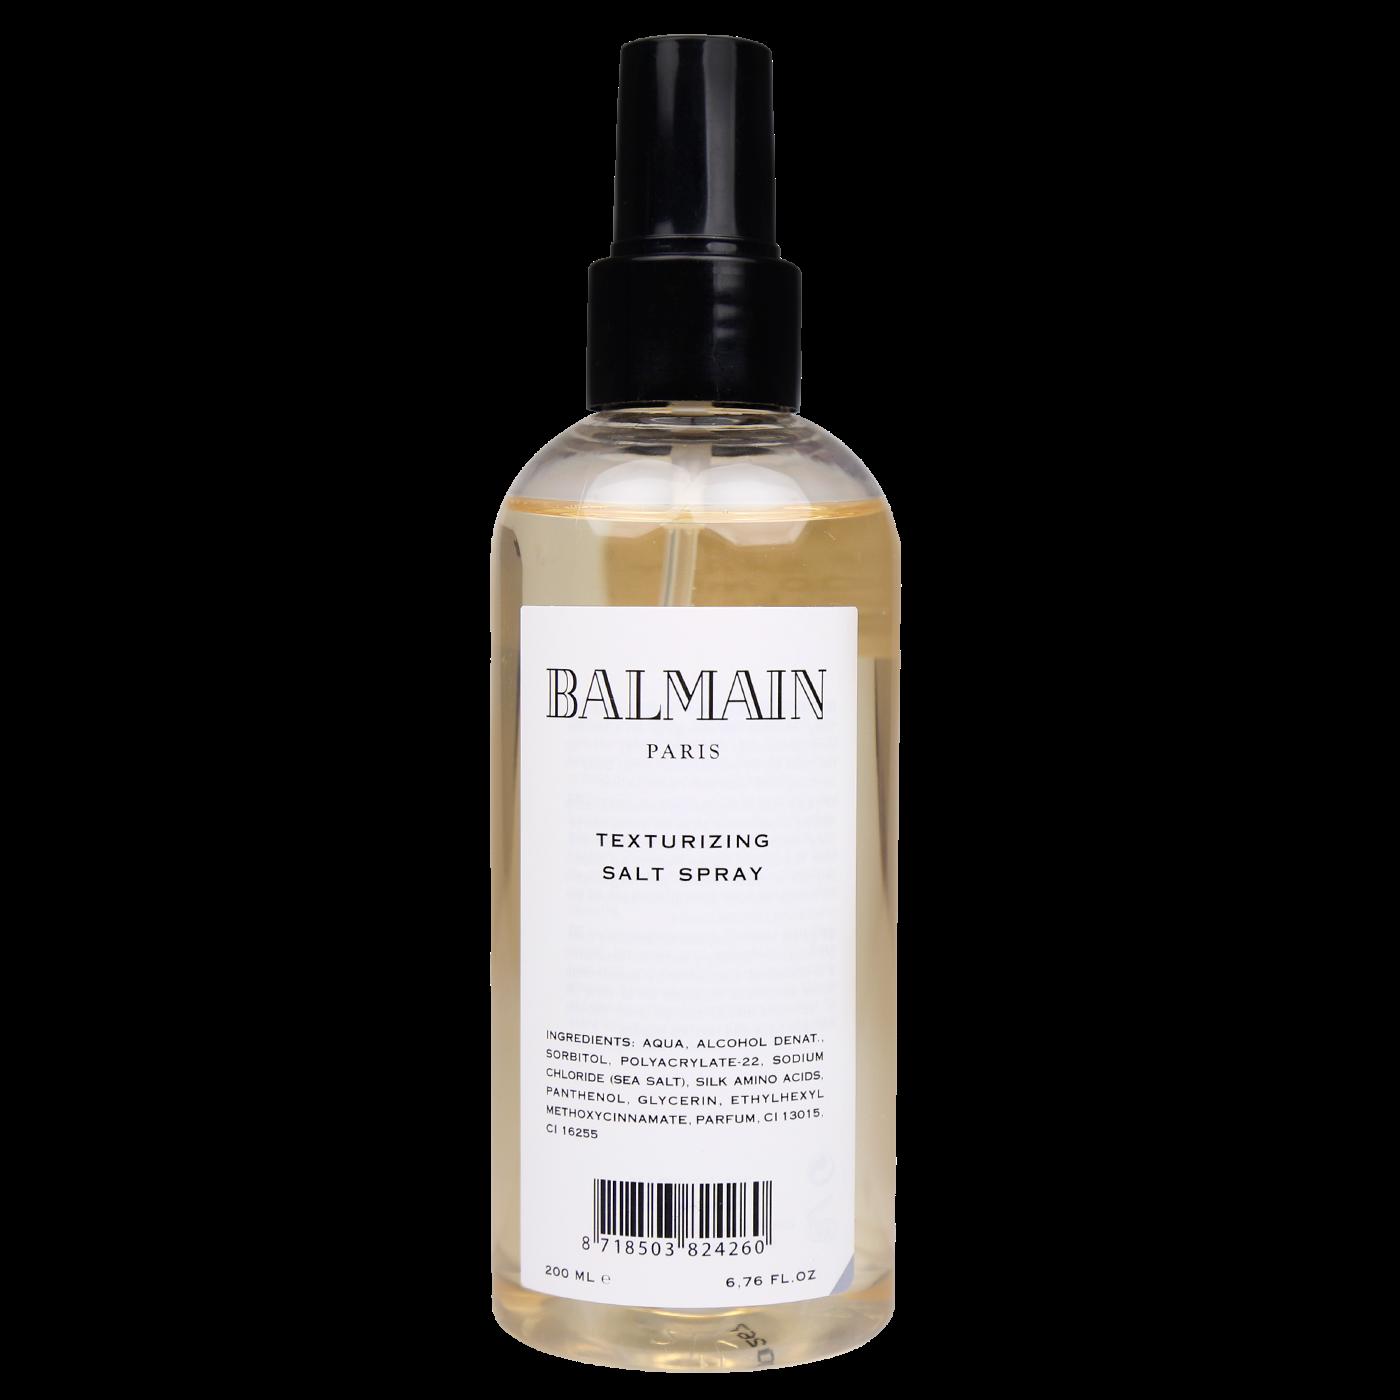 Balmain Texturizing Salt Spray 200 ml | Spray Texturizante con Sal de Mar